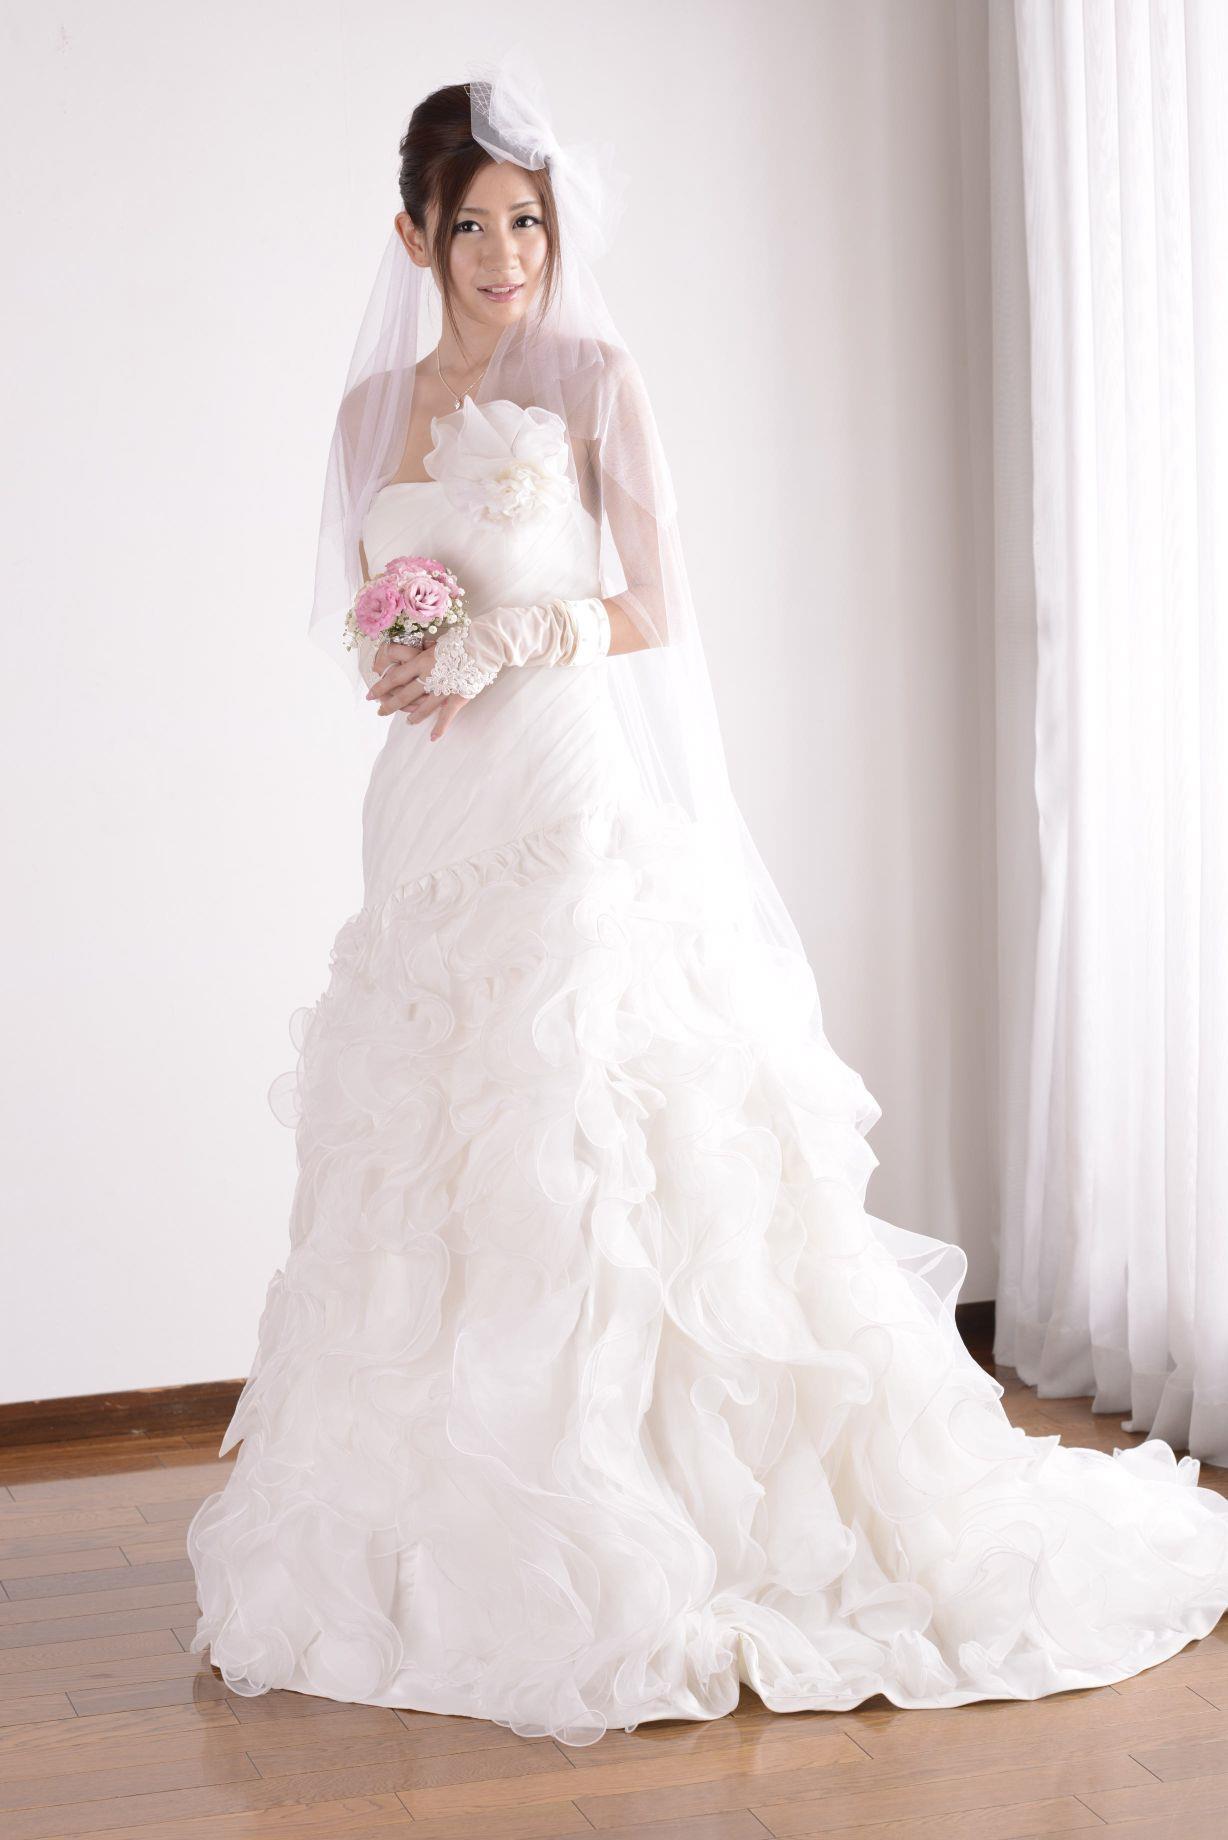 前田かおり ウェディングドレス画像 27